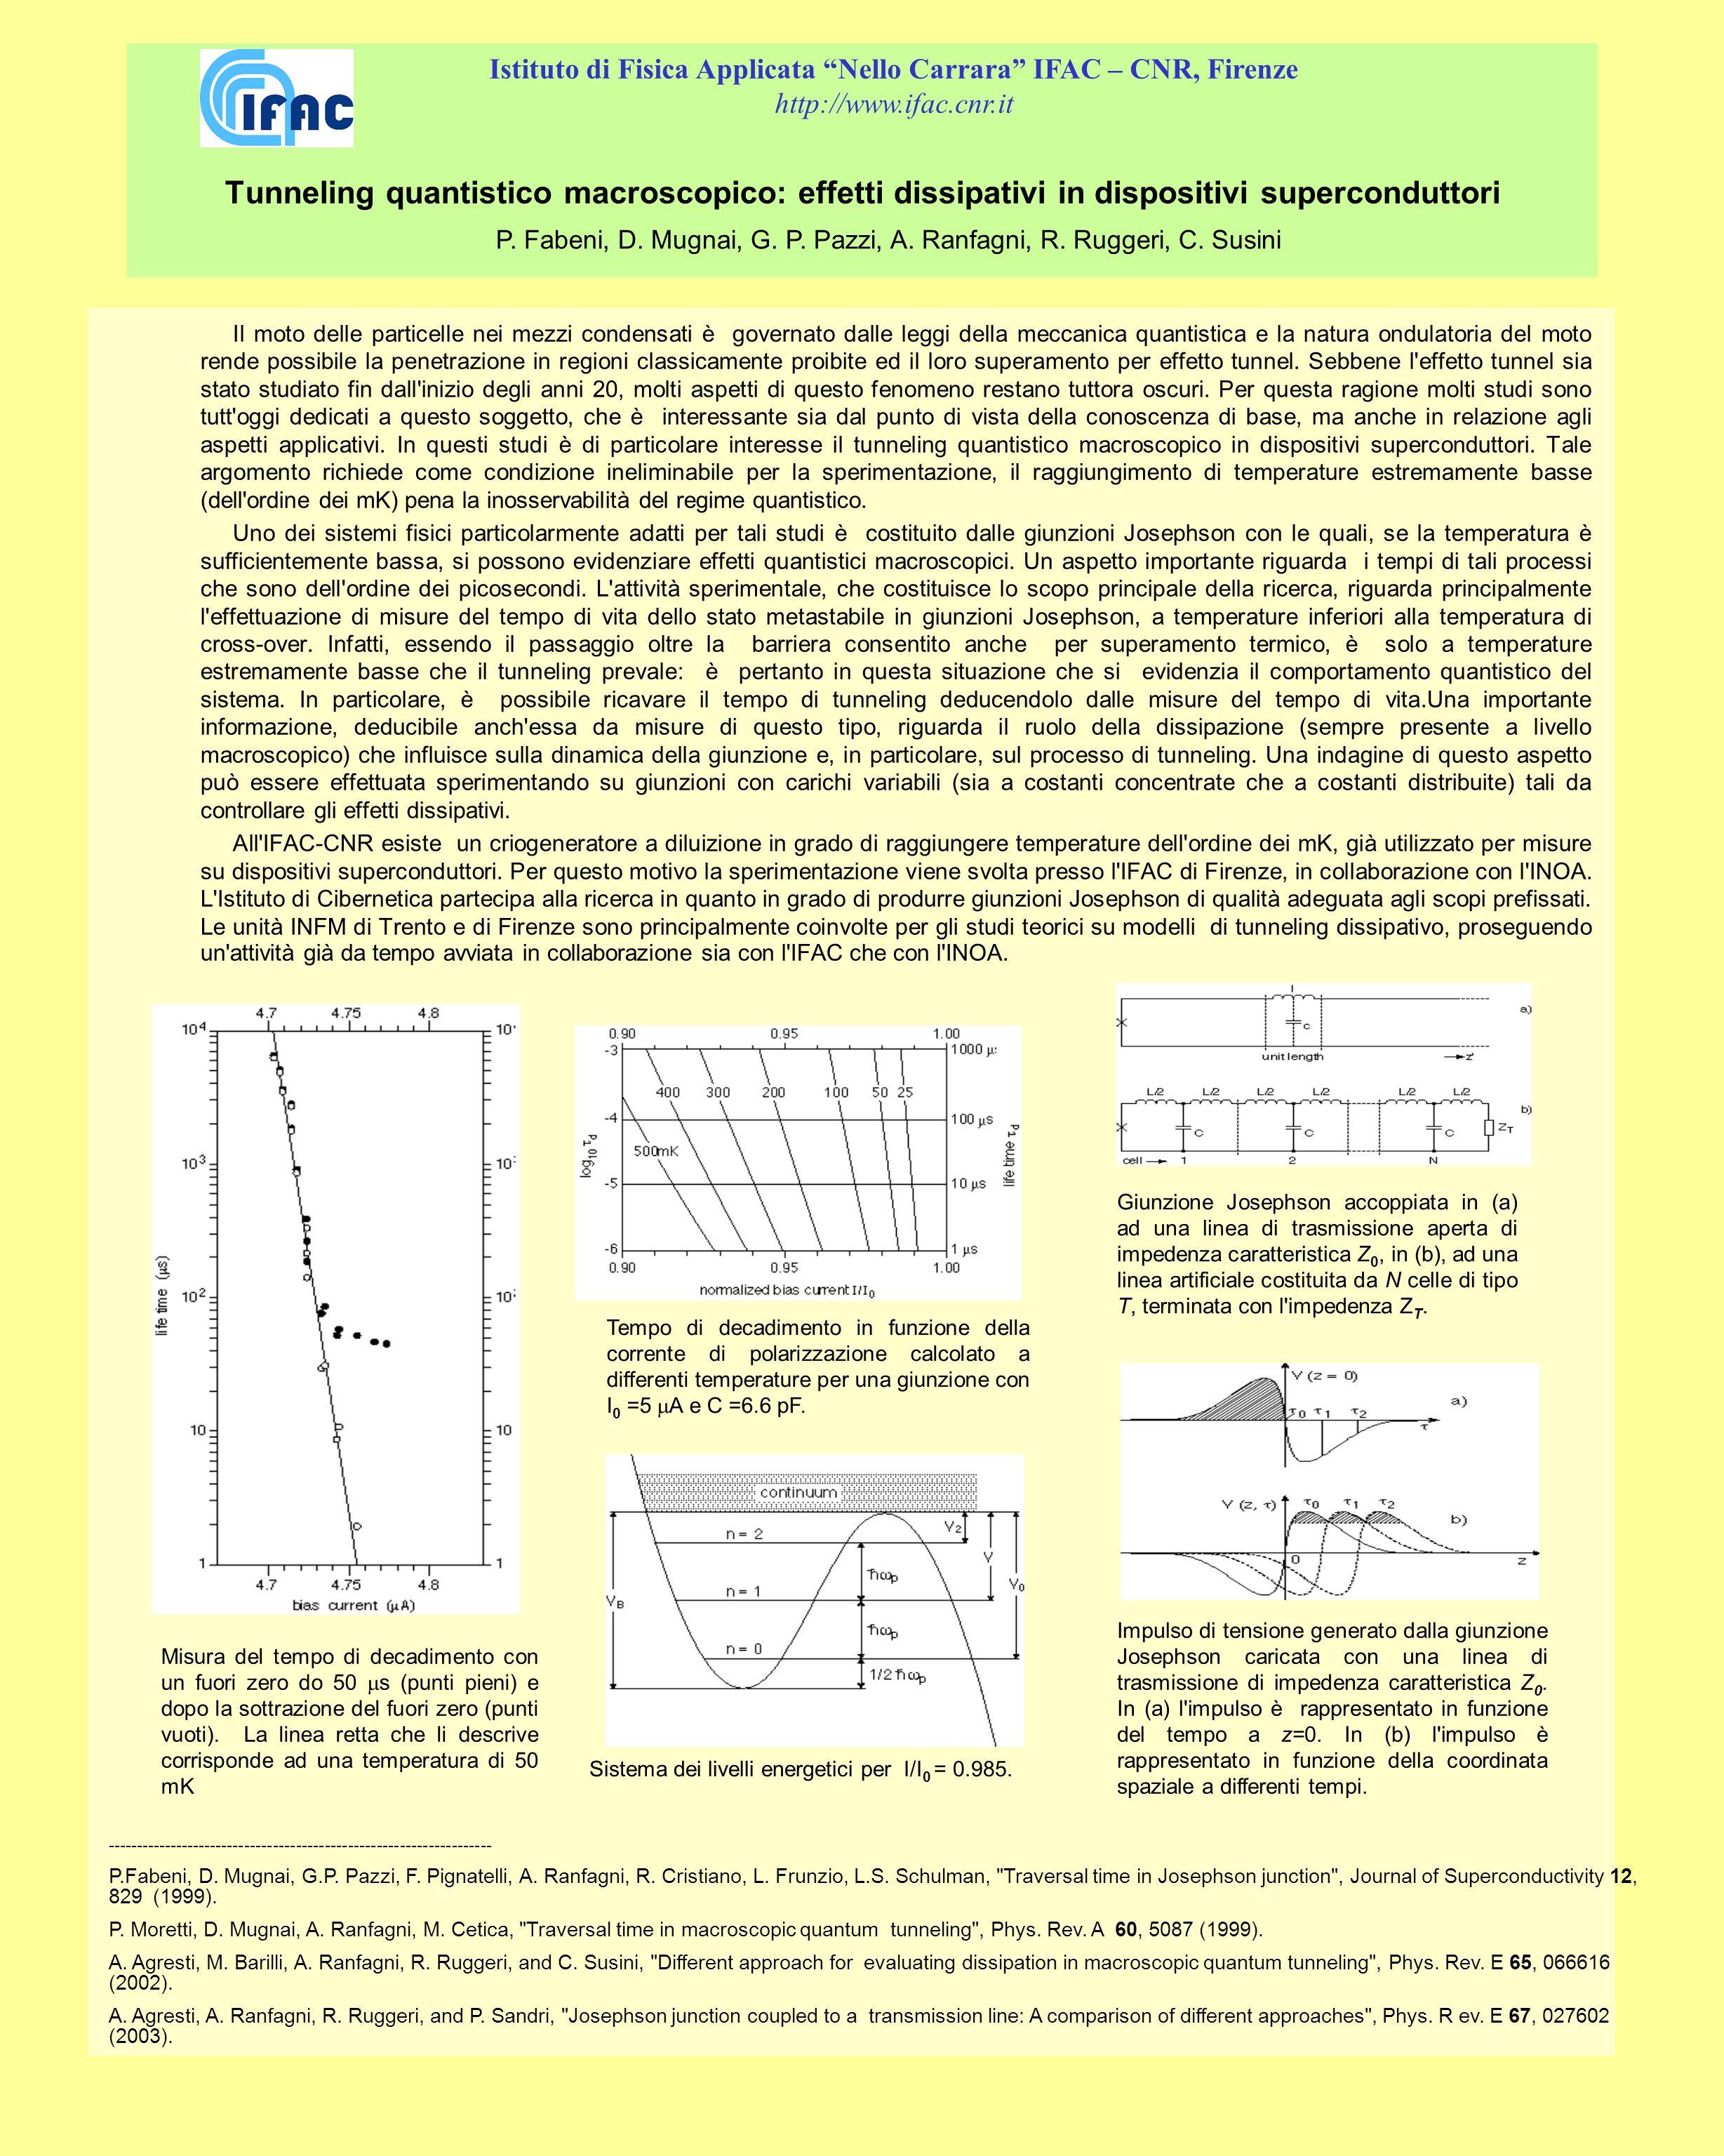 Tunneling quantistico macroscopico: effetti dissipativi in dispositivi superconduttori Il moto delle particelle nei mezzi condensati è governato dalle